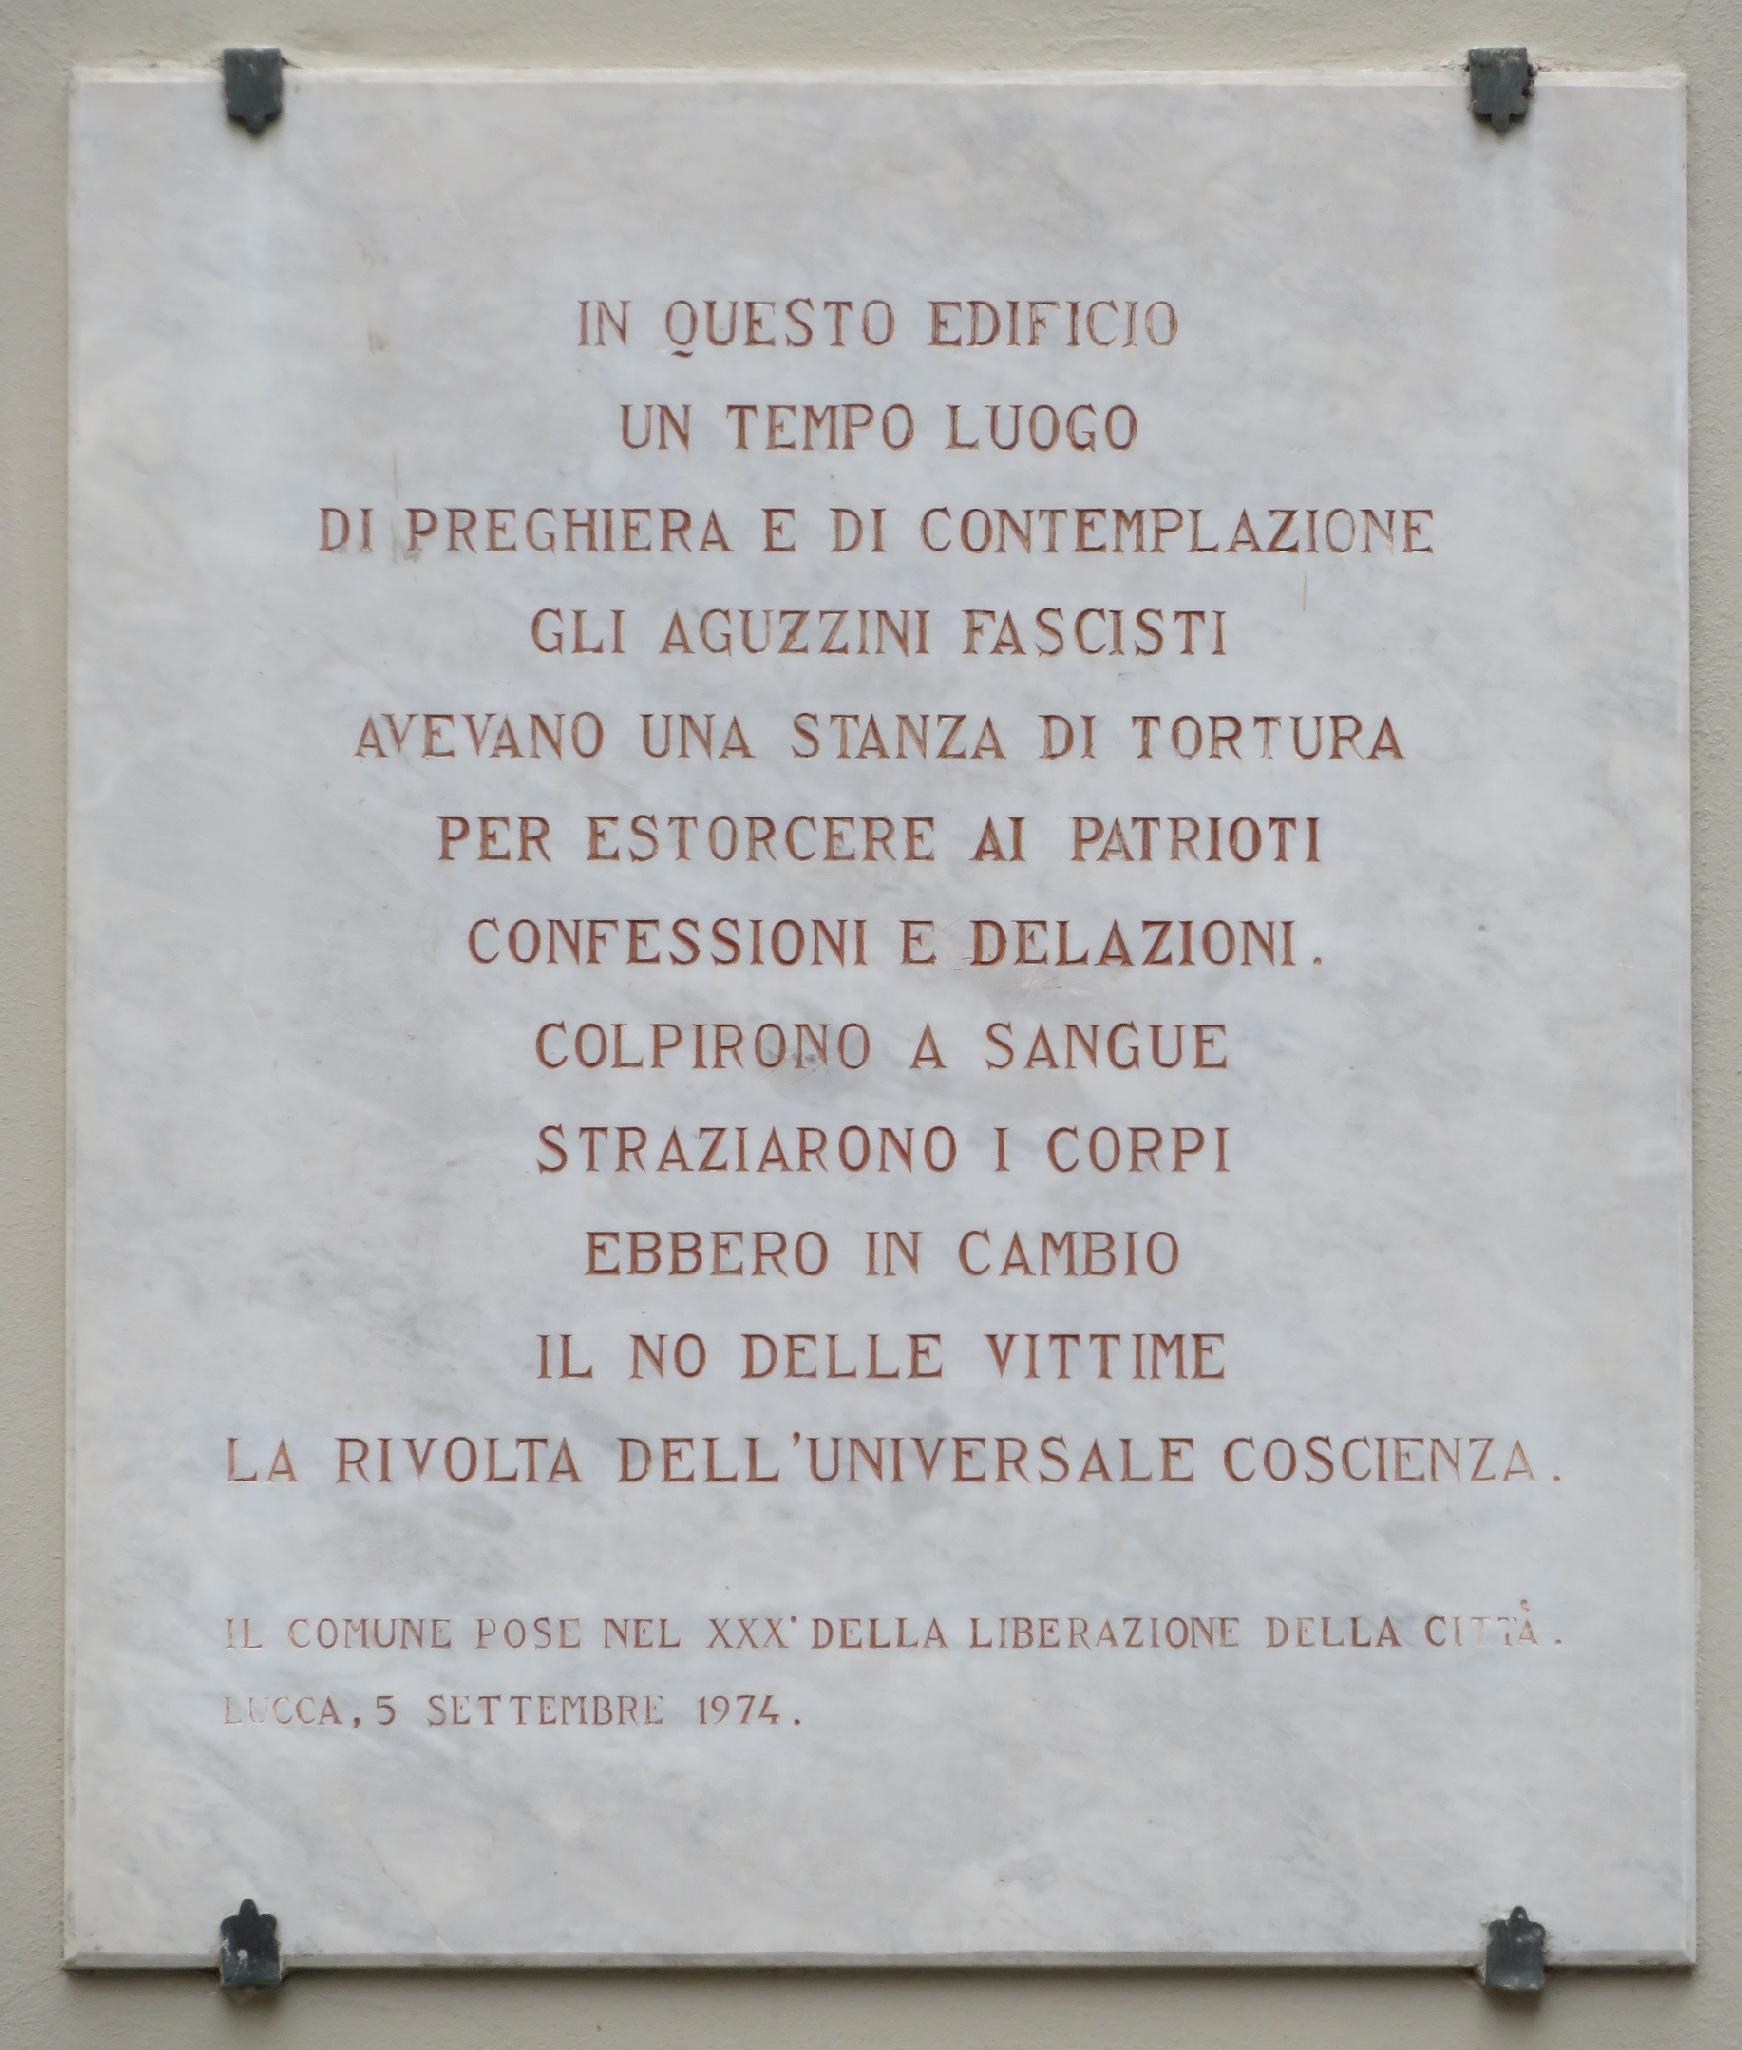 Targa commemorativa apposta all'ingresso della ex-caserma di S.Agostino (Lucca), sede dell'Upi